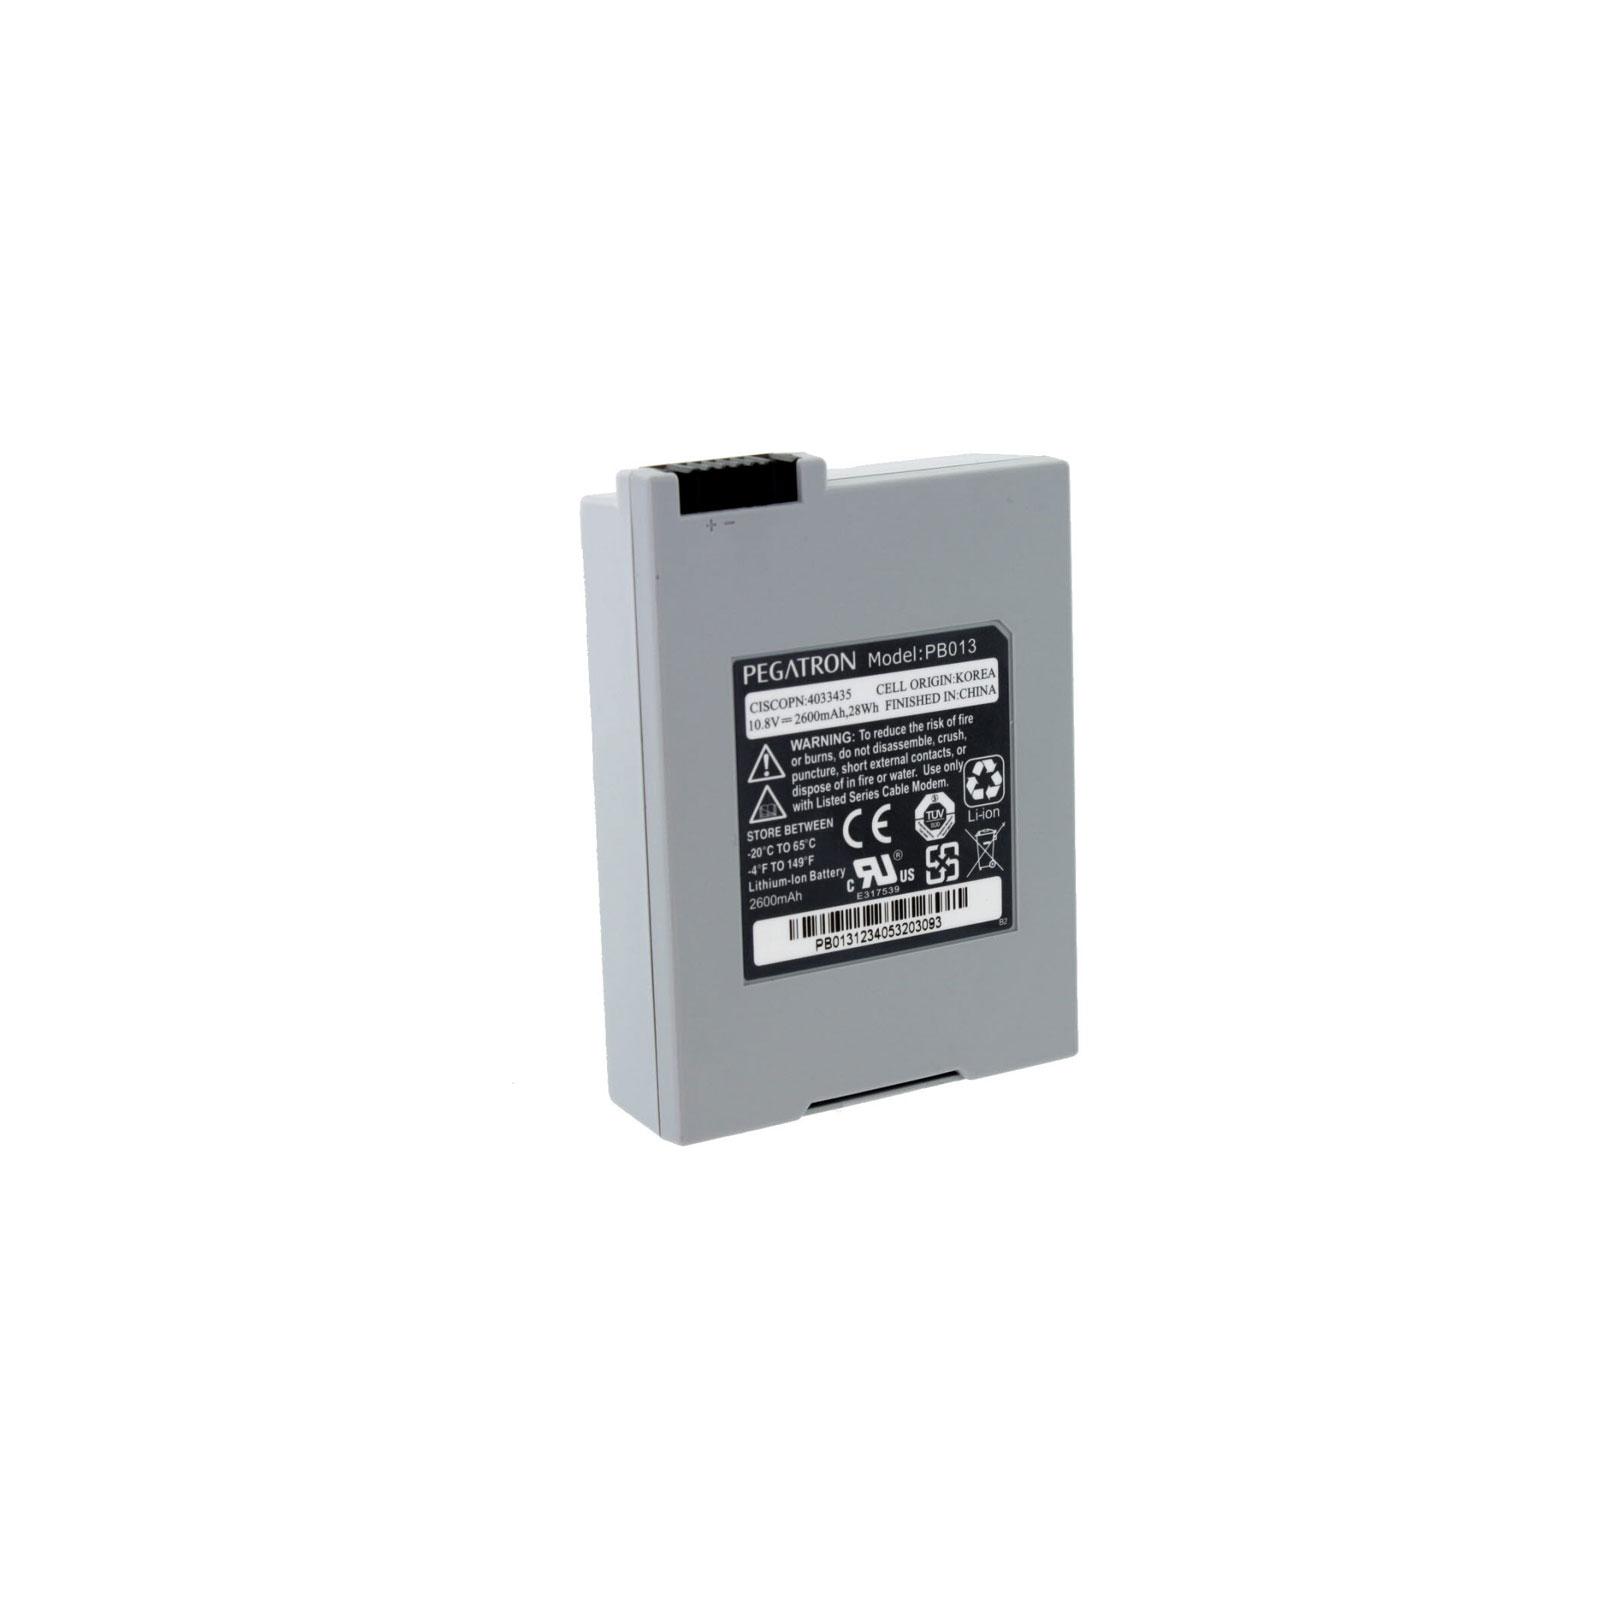 Tg862g Battery